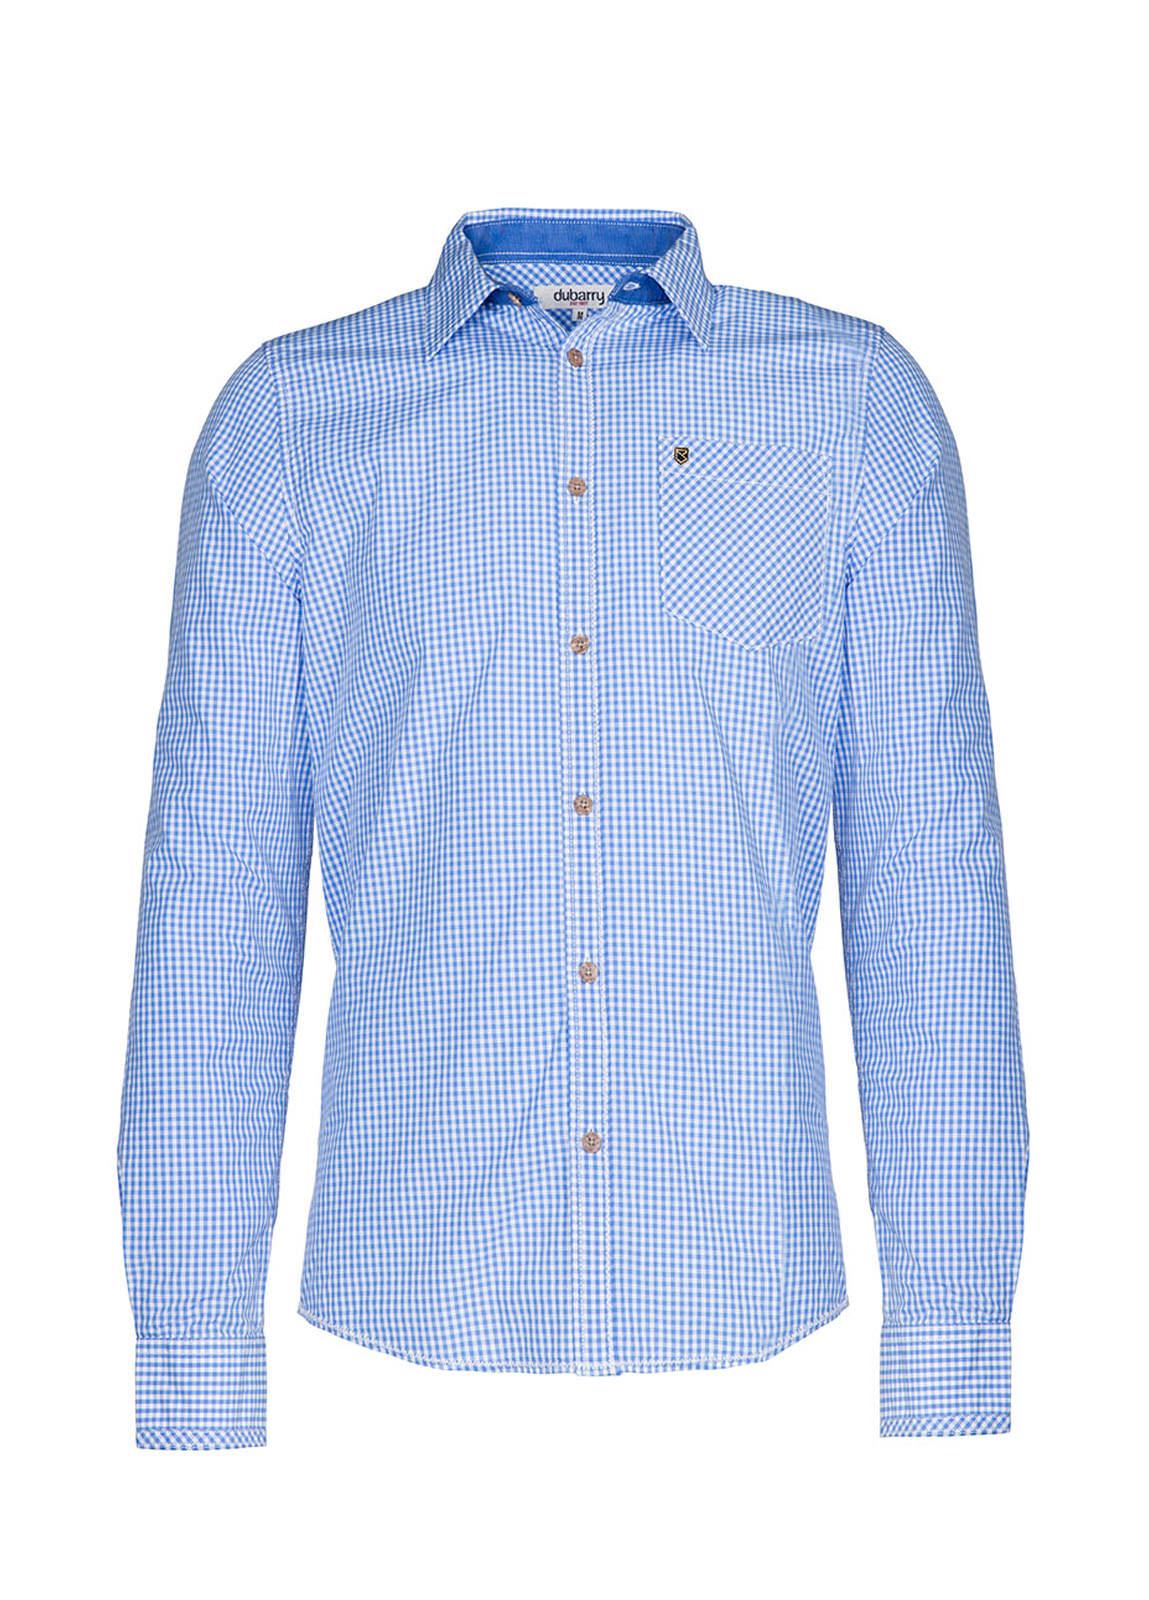 Dubarry_ Clonbrock Shirt - Blue_Image_2